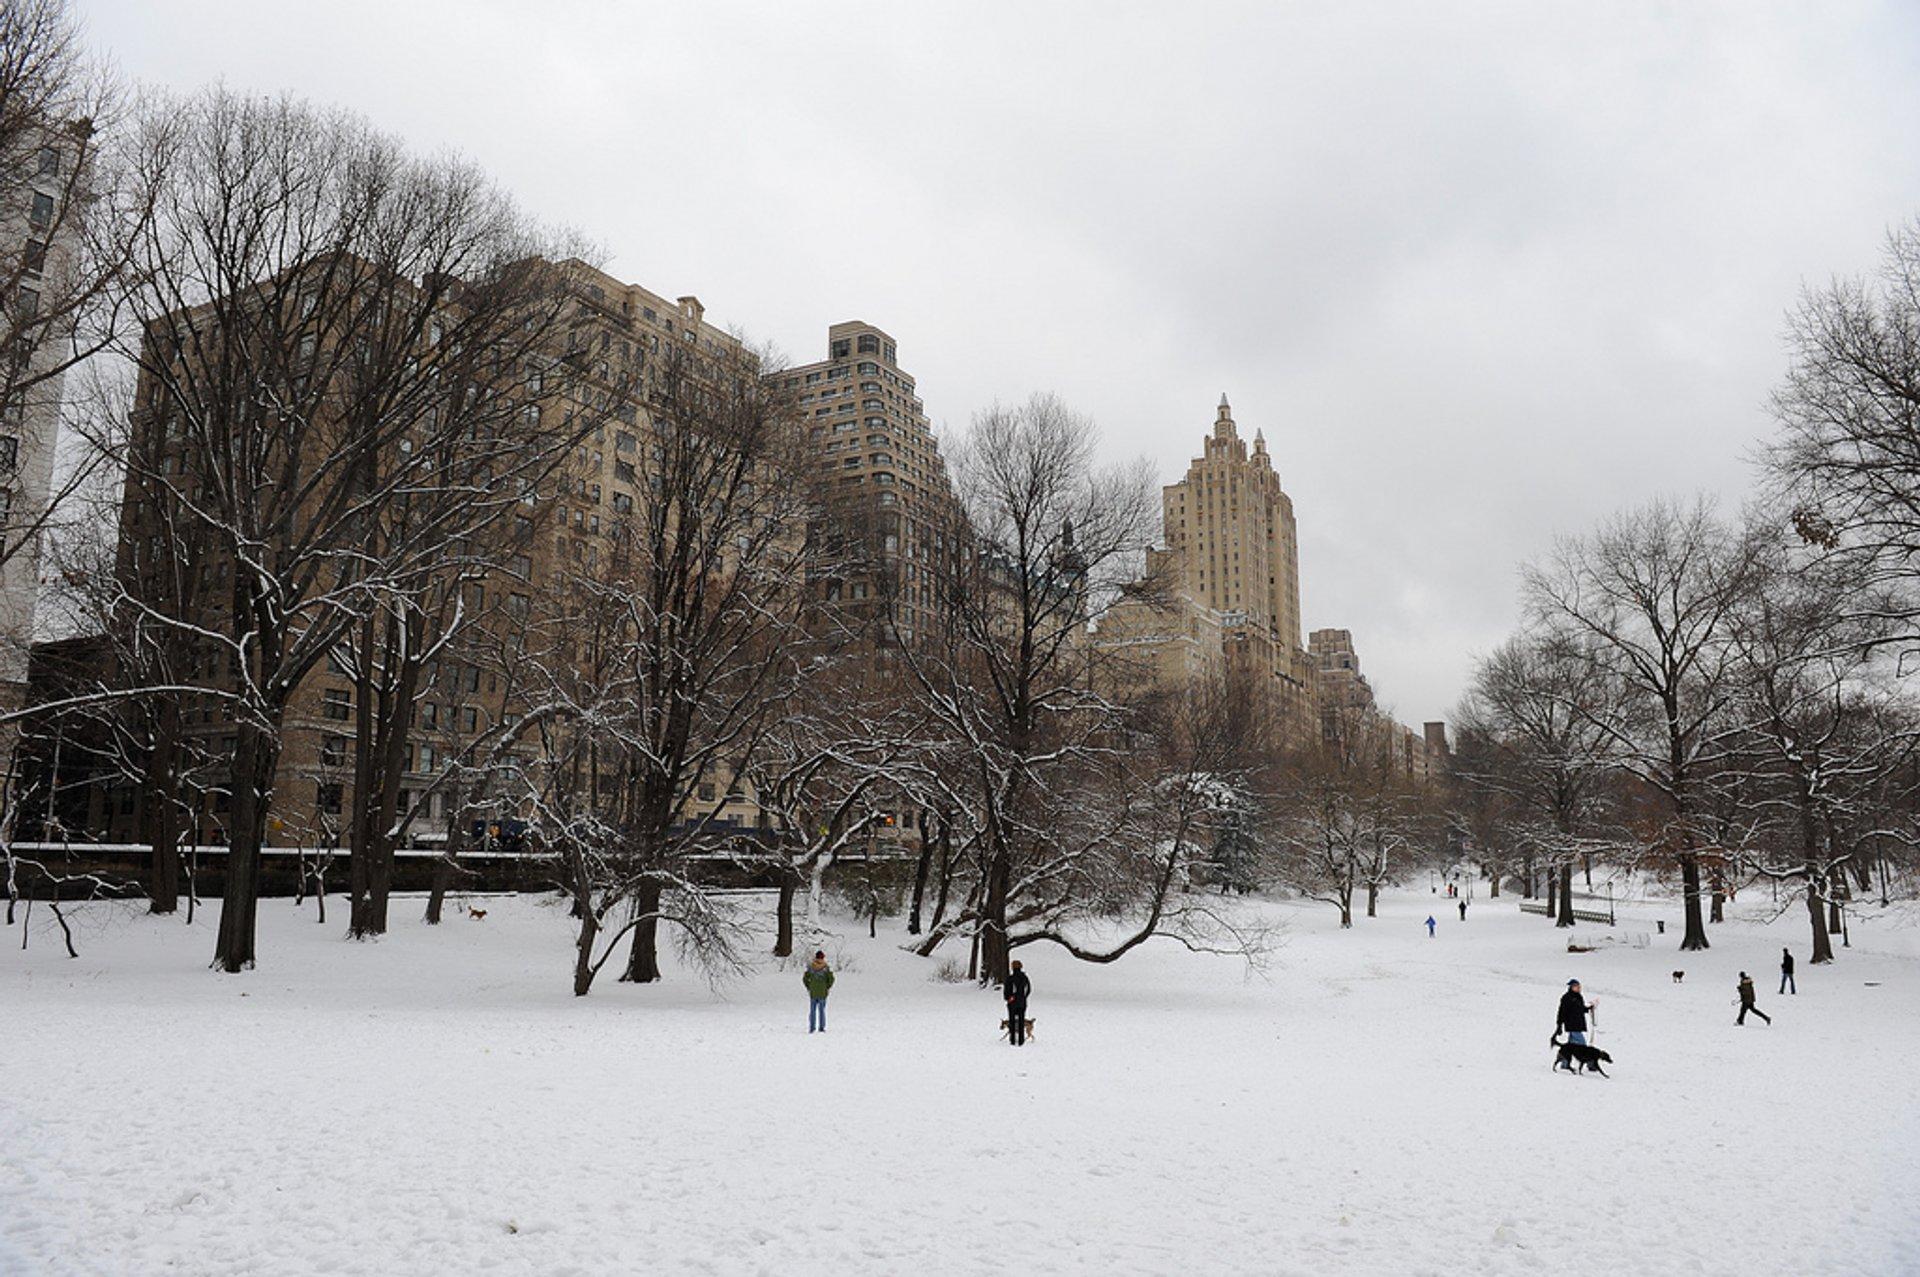 Winter in New York - Best Season 2019